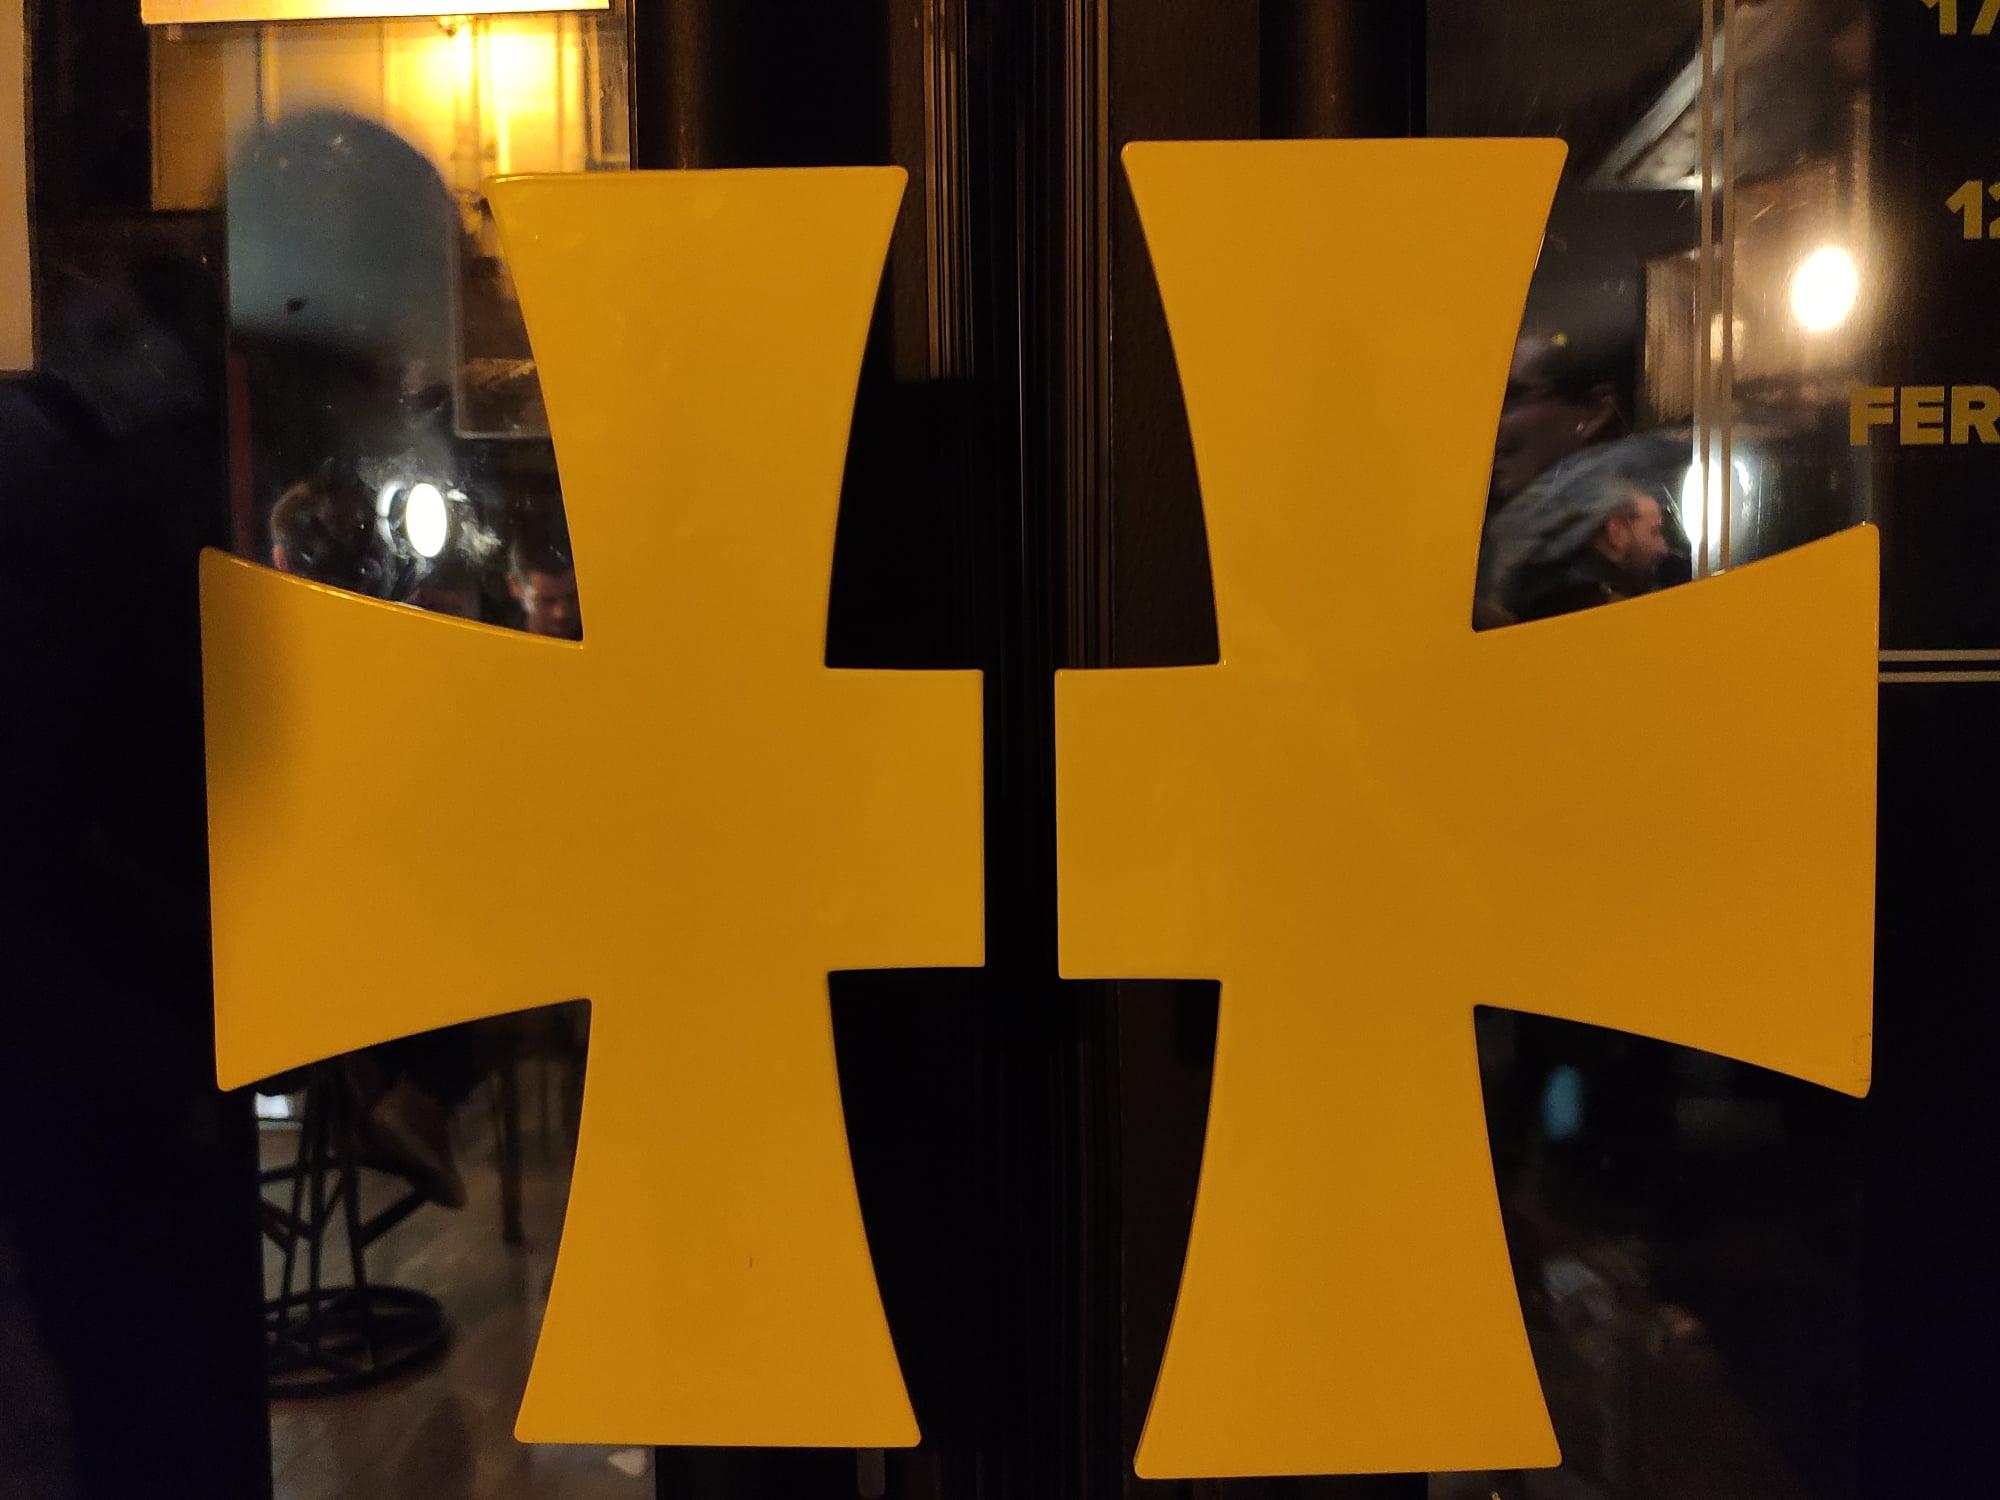 L'entrée du Hellfest Corner, ornée du célèbre logo.